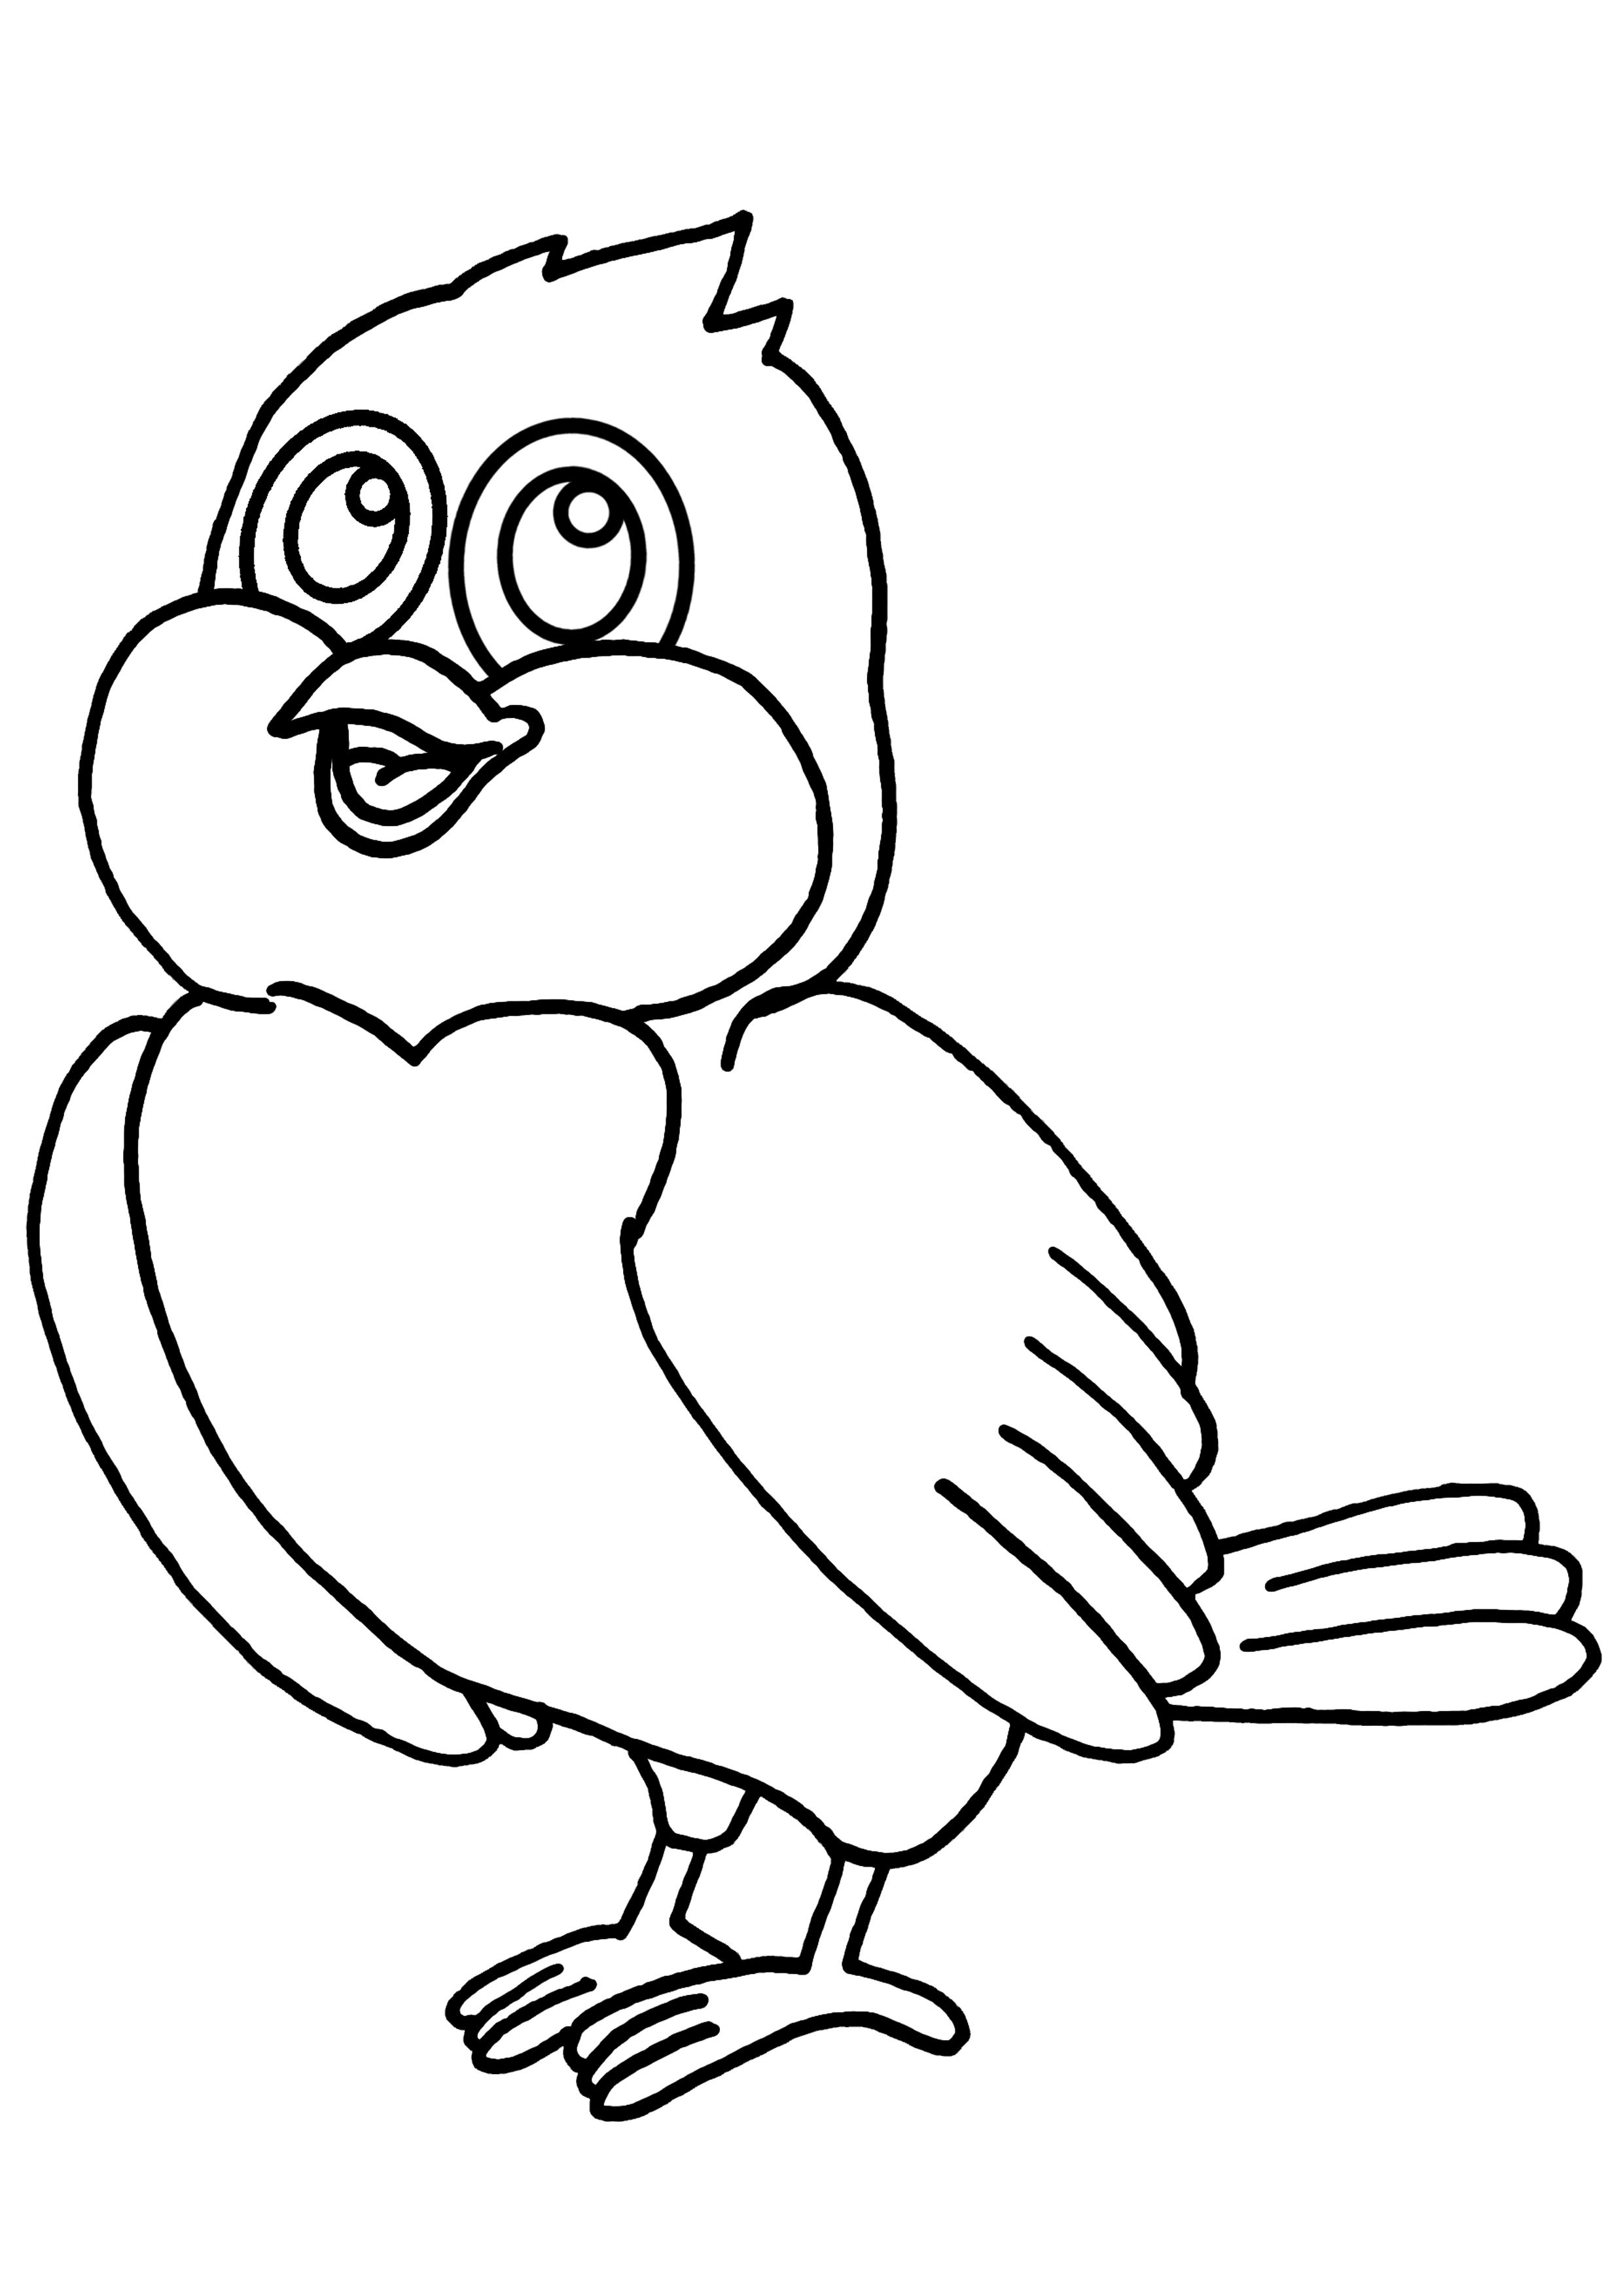 dessin à colorier d'oiseaux sur une branche